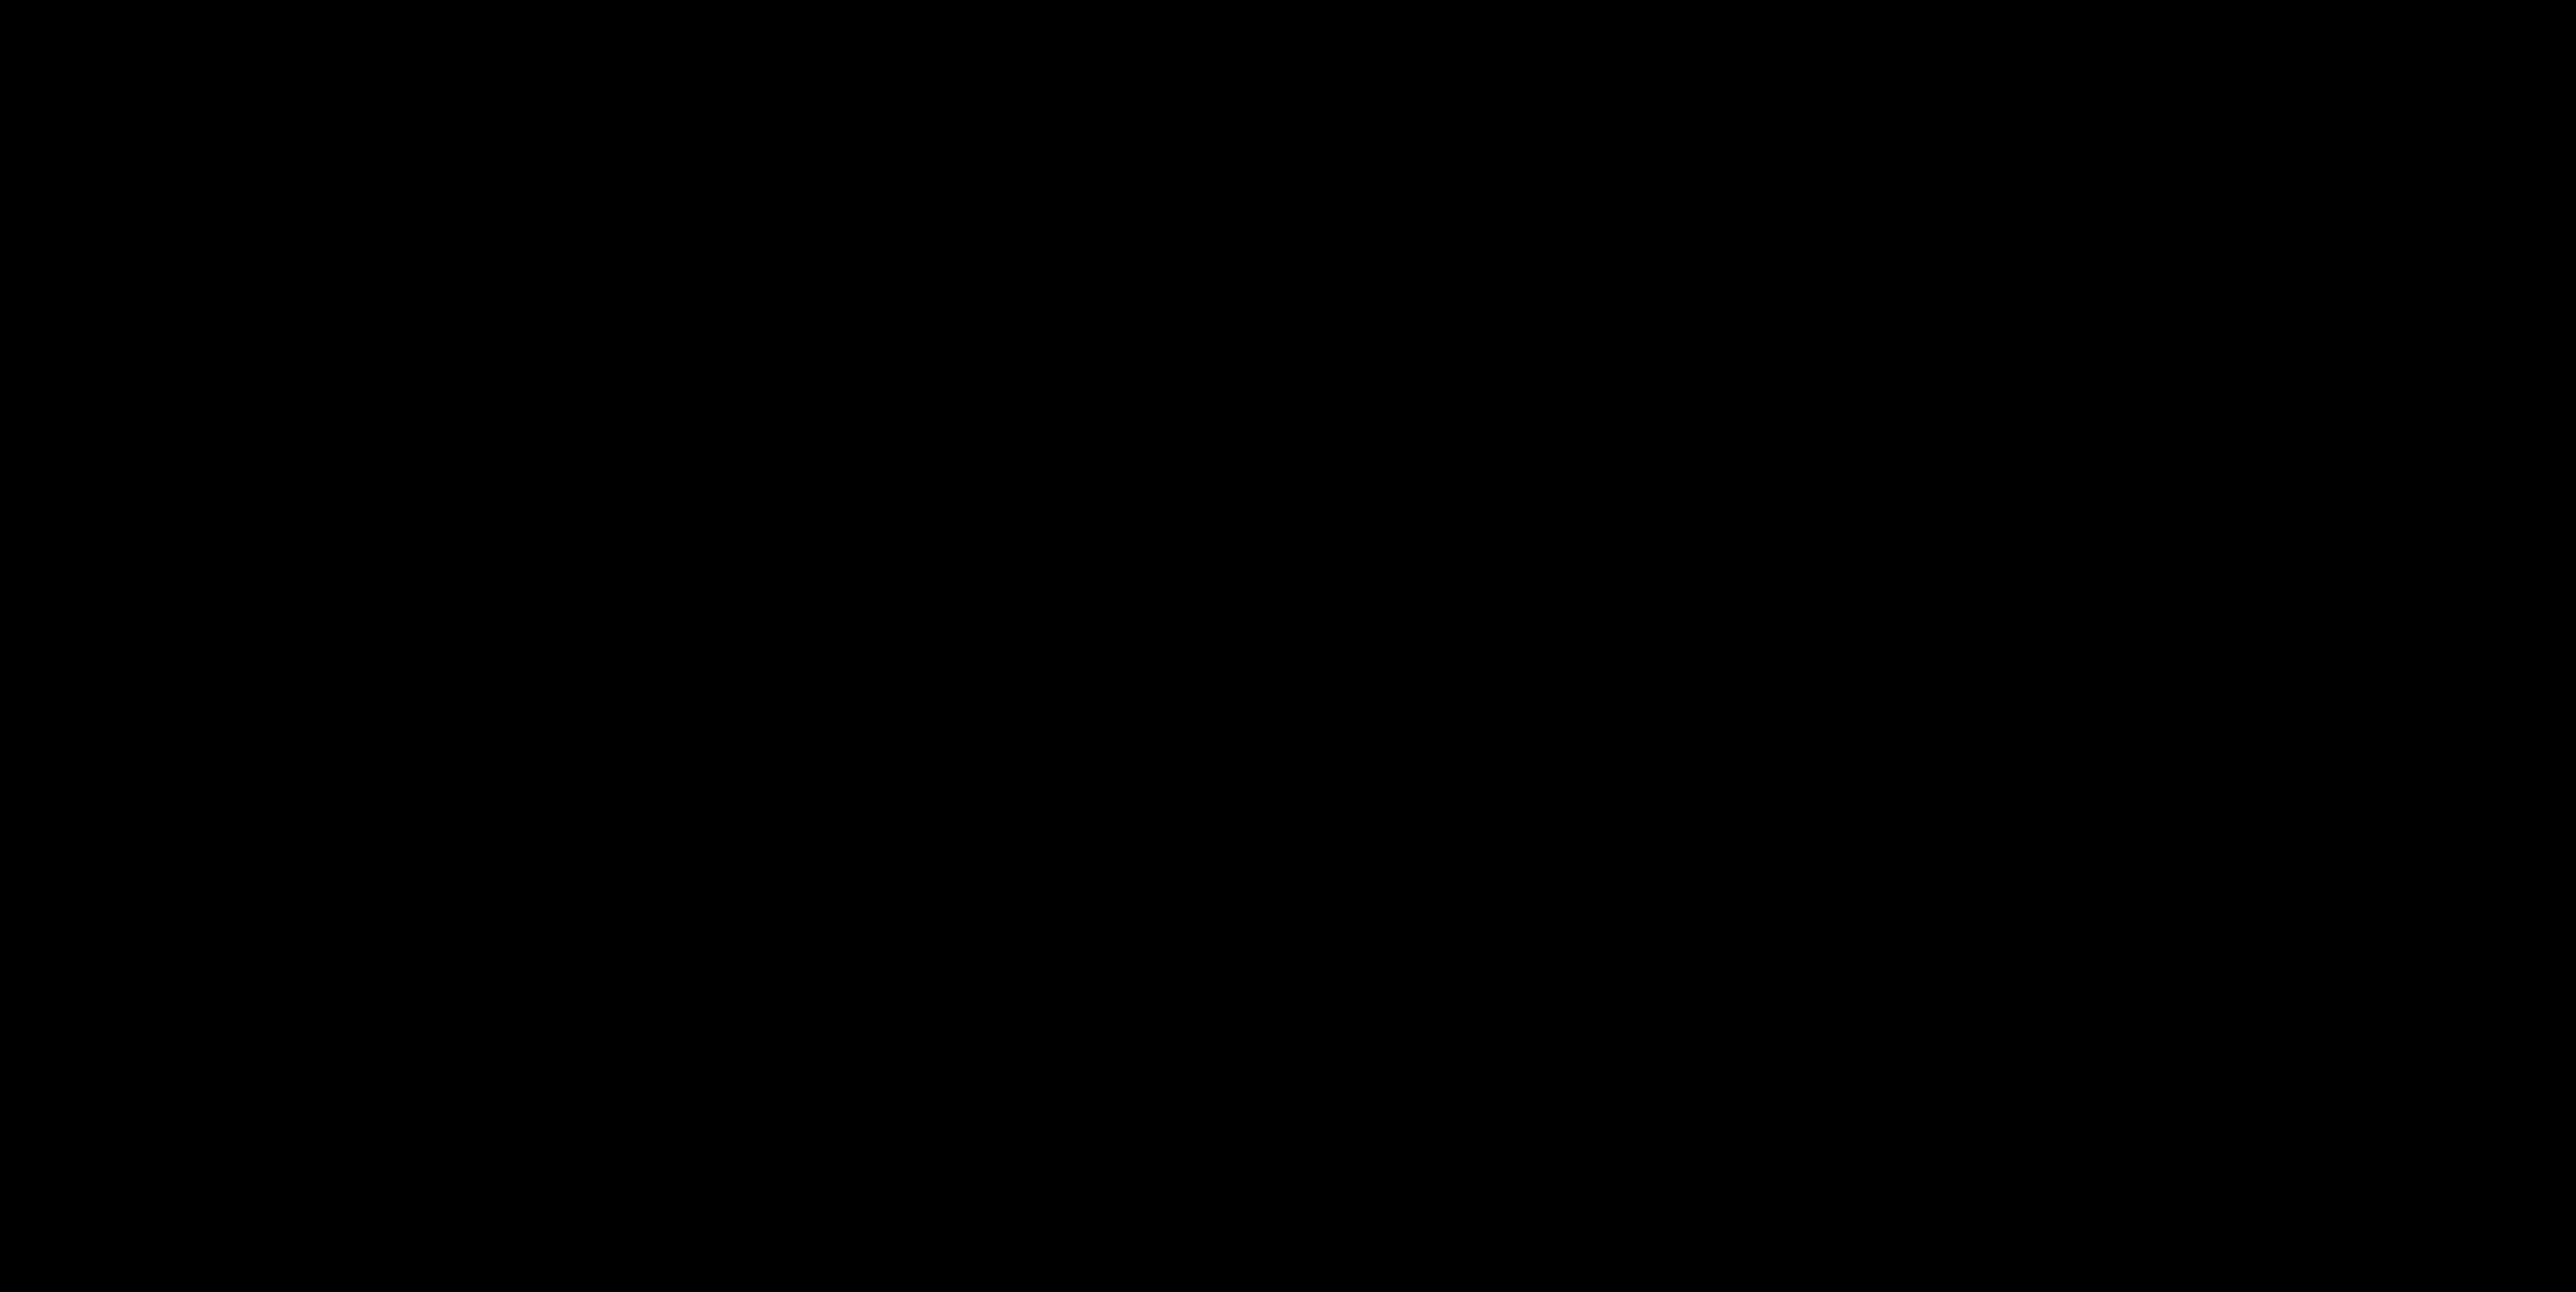 Logo des Getränke Herstellers Vitamin Well, Partner von FEFLOGX Sportswear.